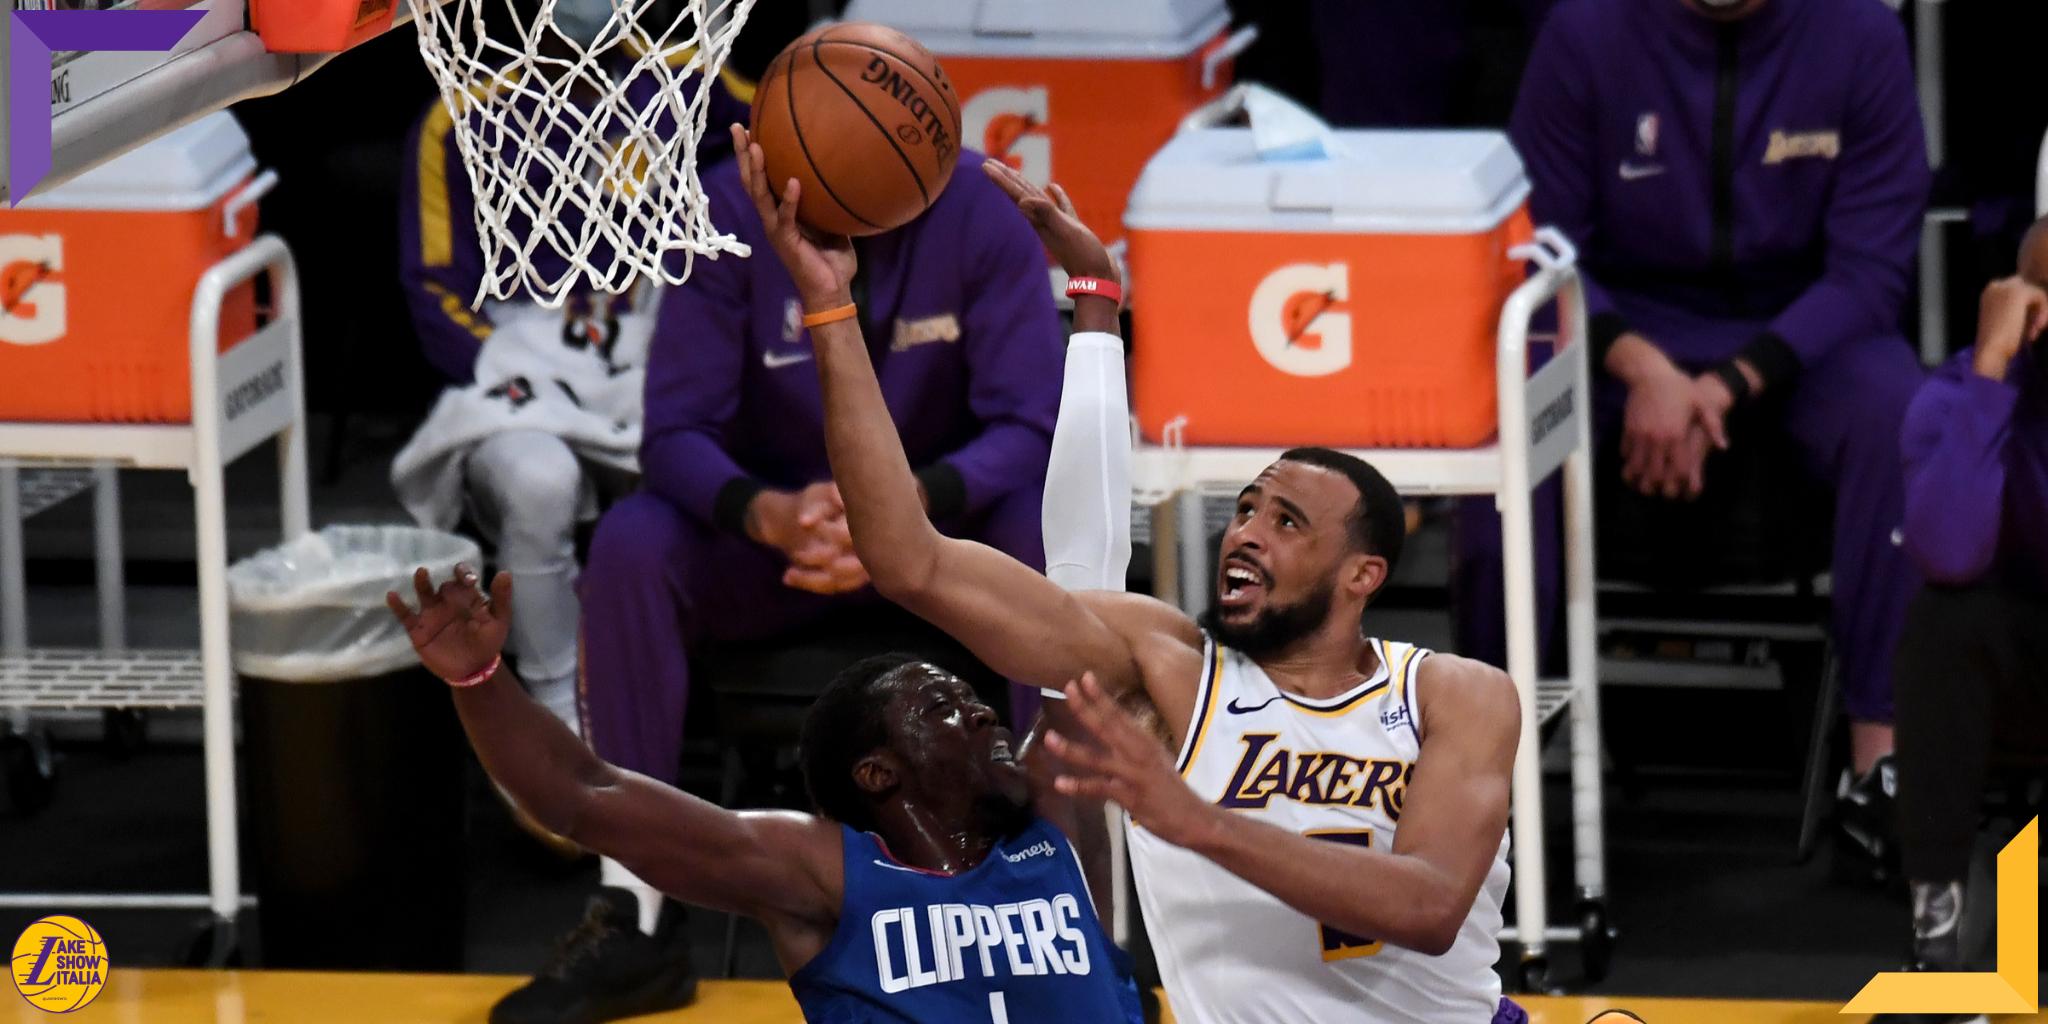 Nel successo dei Lakers contro i Clippers, buone prestazioni per Kuzma, Talen Horton-Tucker e Harrell.